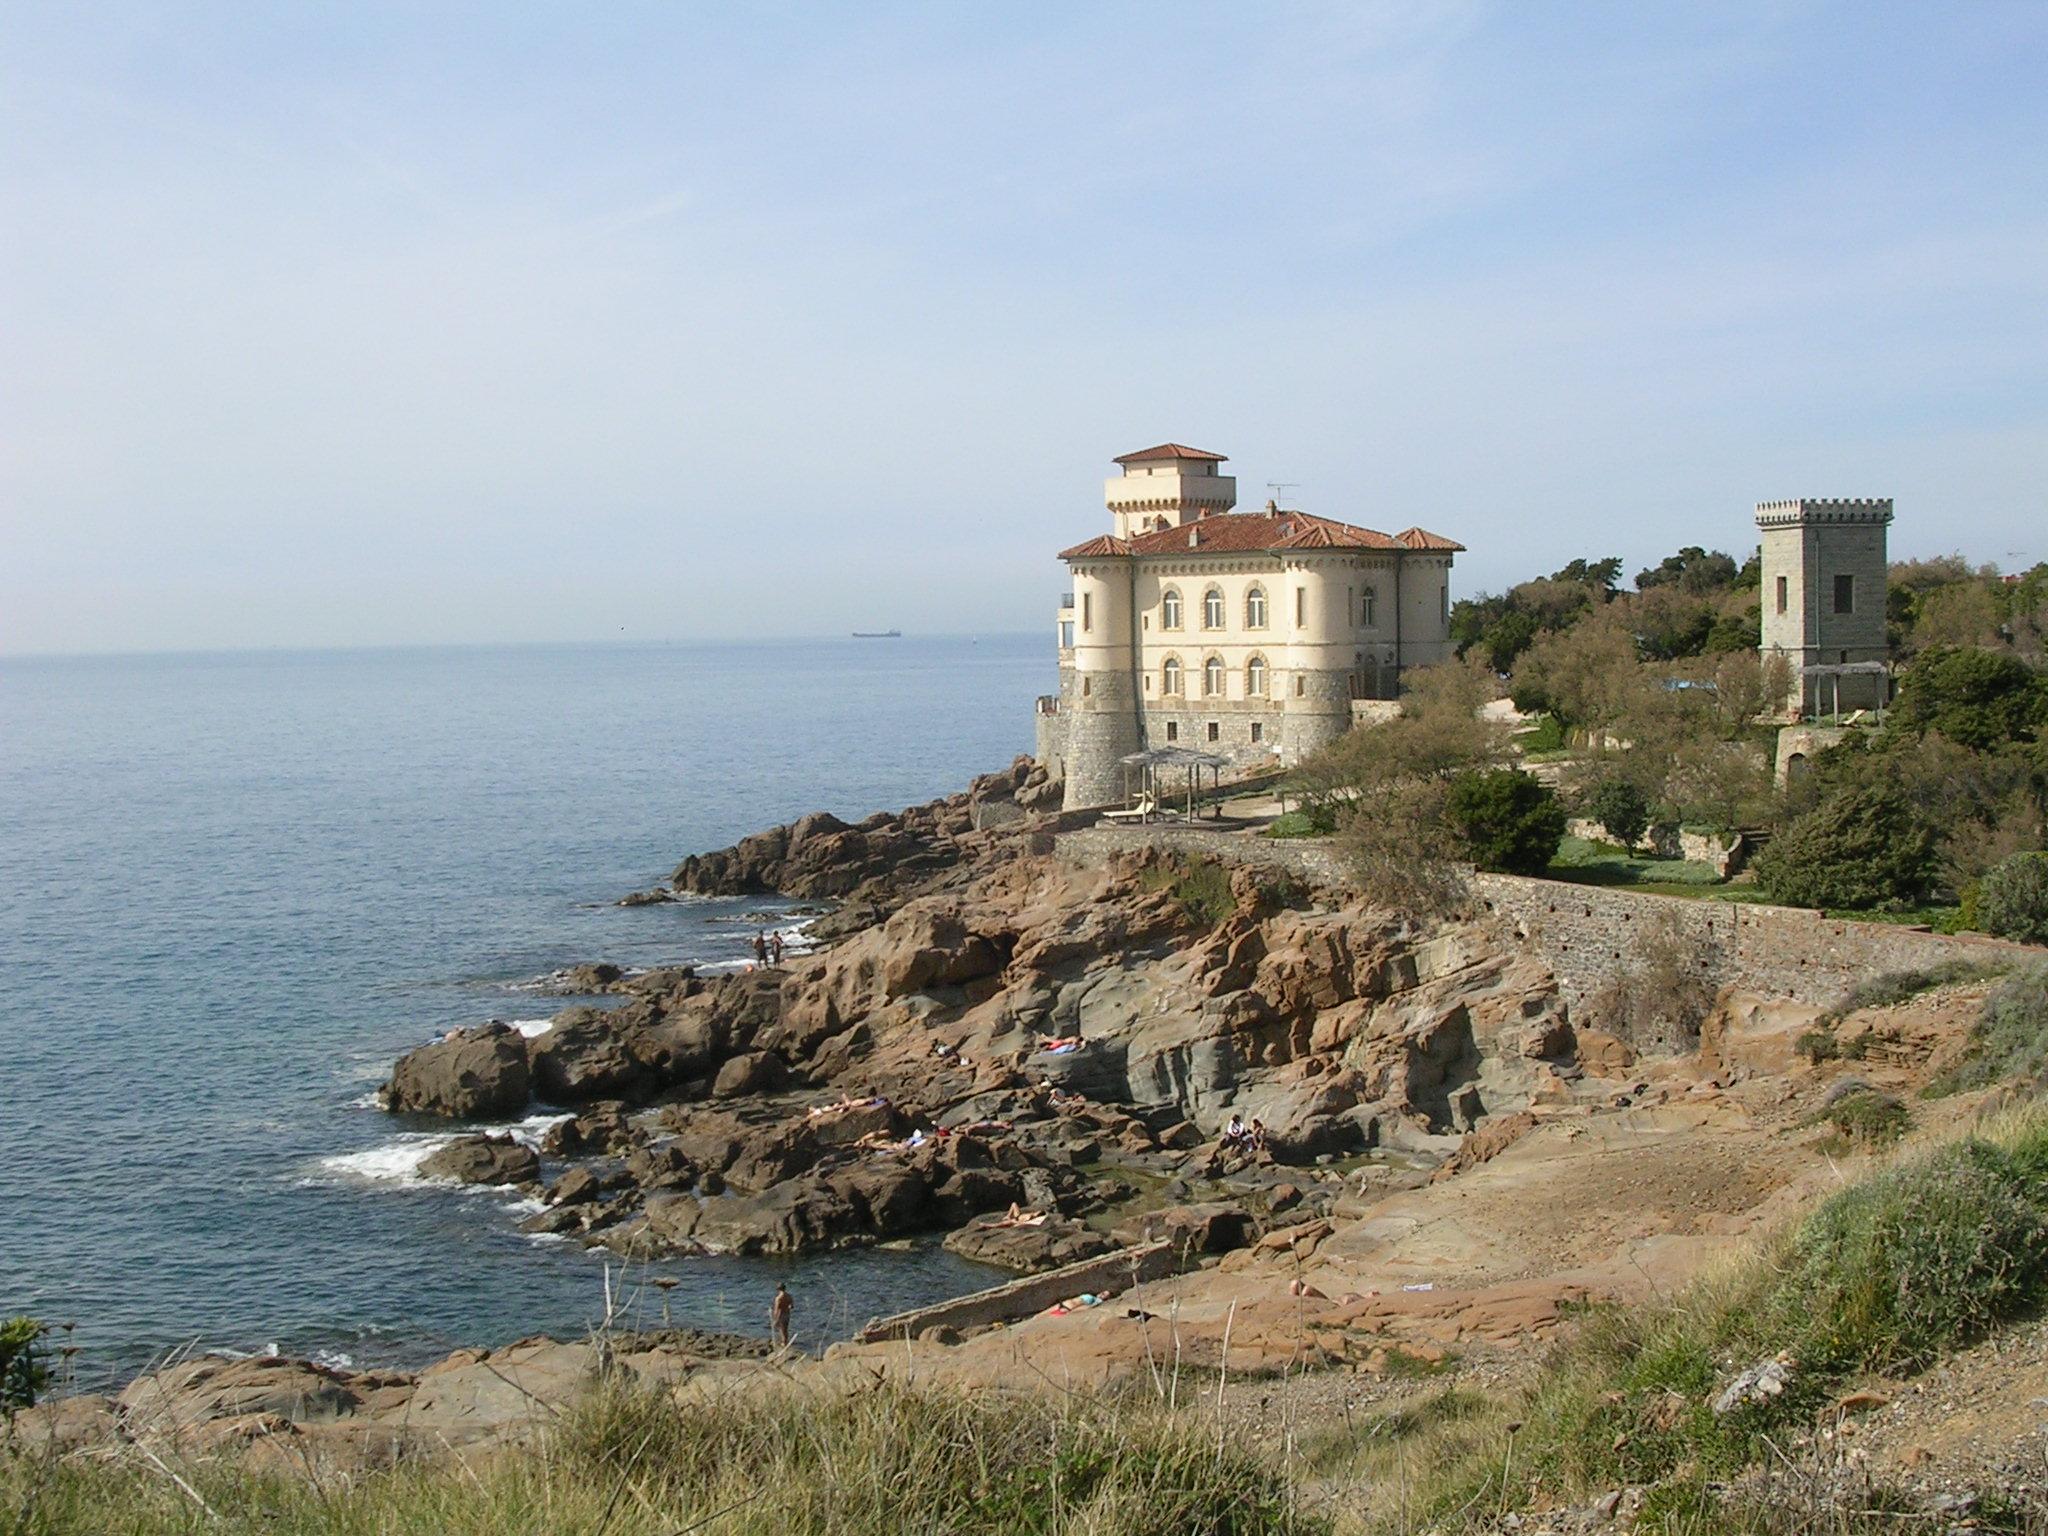 Villa Sorriso Hotel Ristorante Ariano Irpino Av